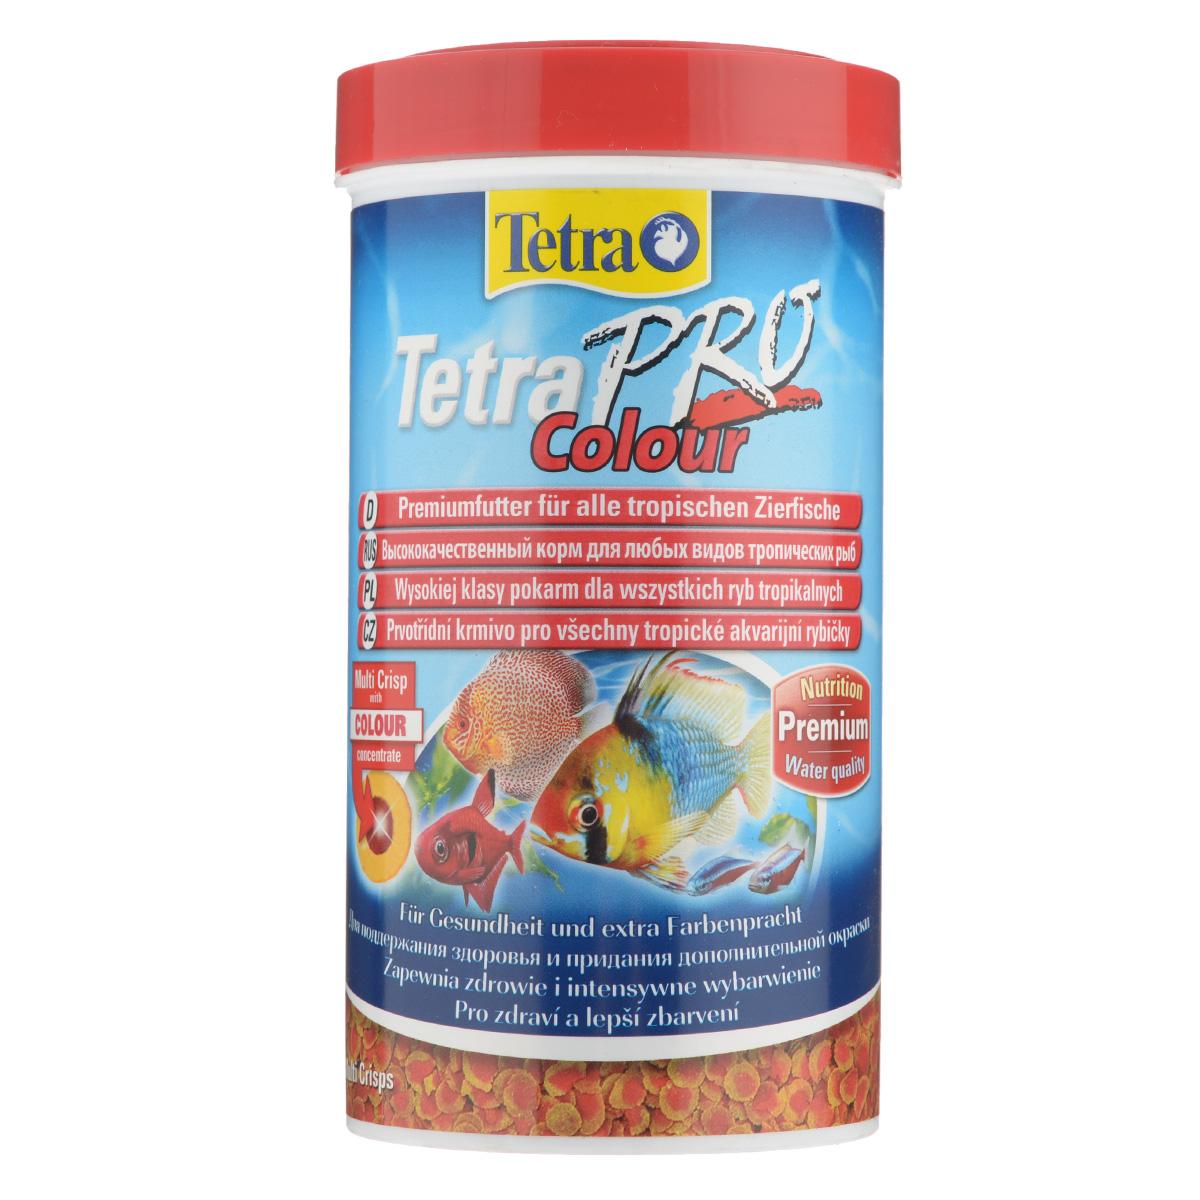 Корм сухой Tetra TetraPro. Colour для всех видов тропических рыб, чипсы, 500 мл (110 г) корм tetra tetrapro colour crisps premium food for all tropical fish чипсы усиление окраски для всех видов тропических рыб 10л 140516